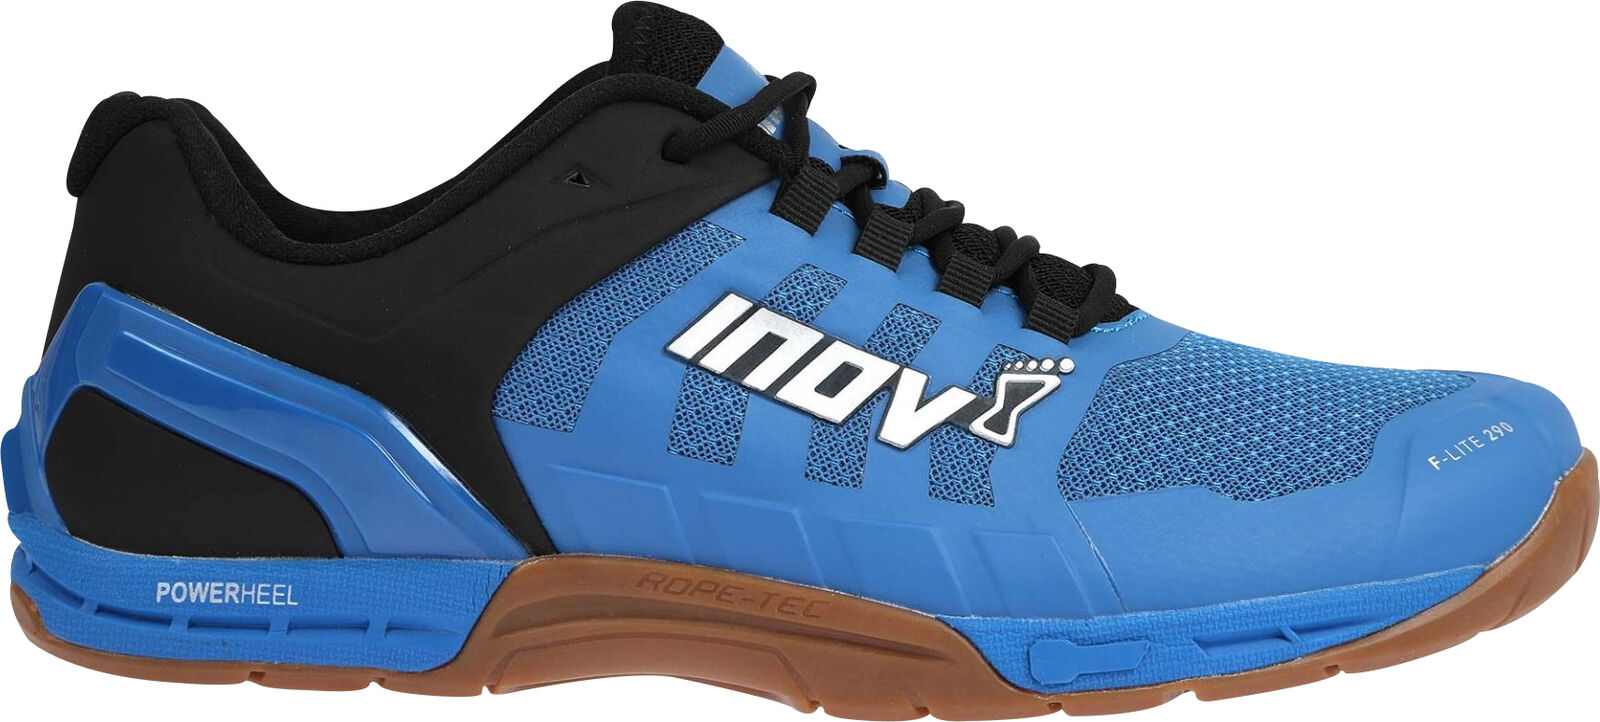 Inov8 F-Lite 290 Mens Training Shoes - Blue